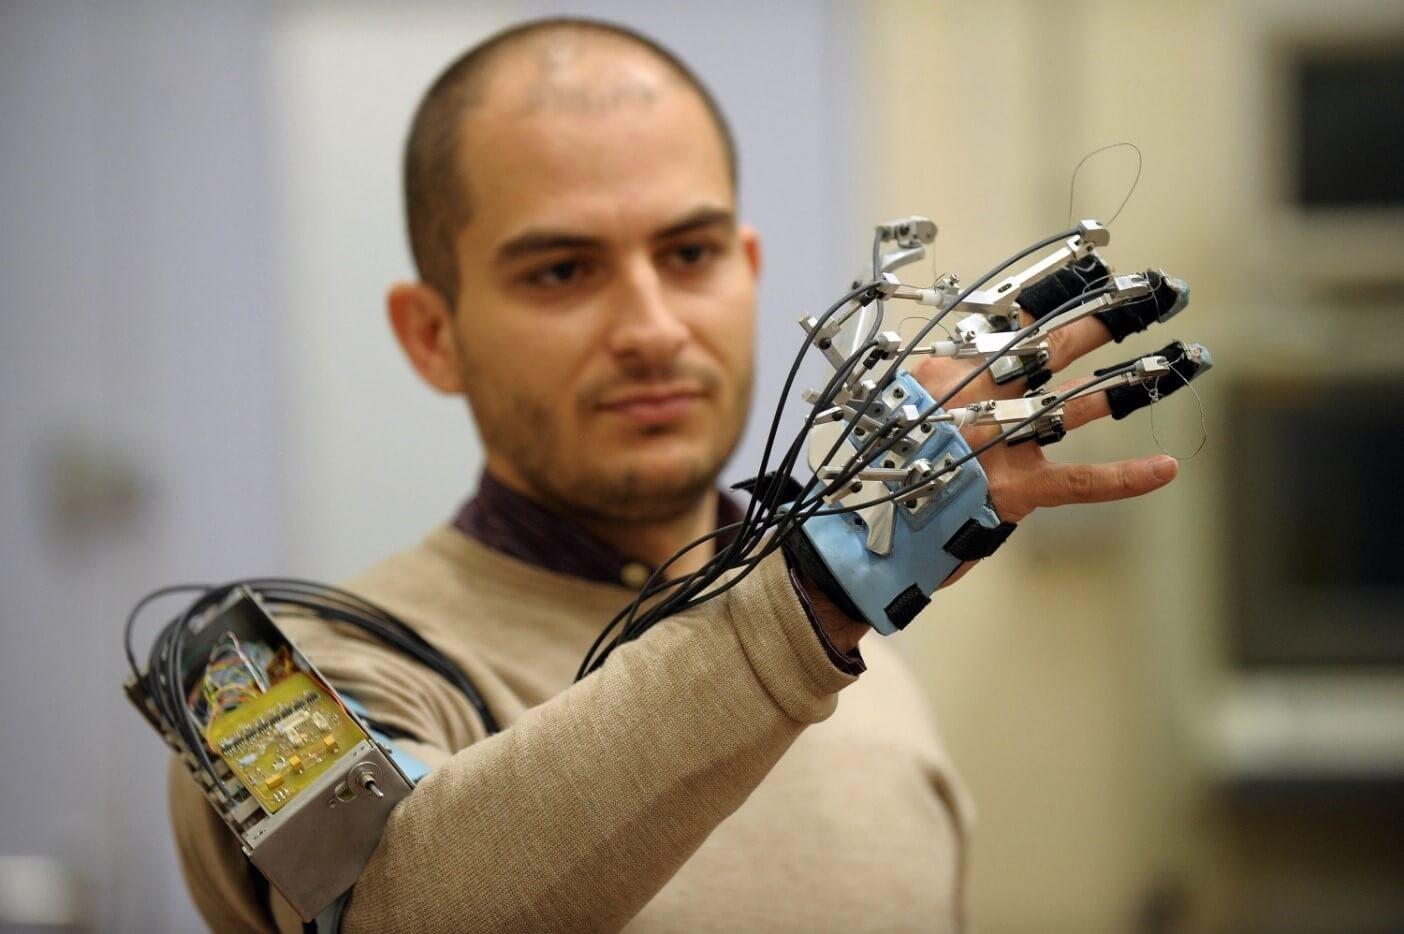 «Новая эра Web»: Университет ИТМО начинает подготовку IT-специалистов в области нейротехнологий - 1